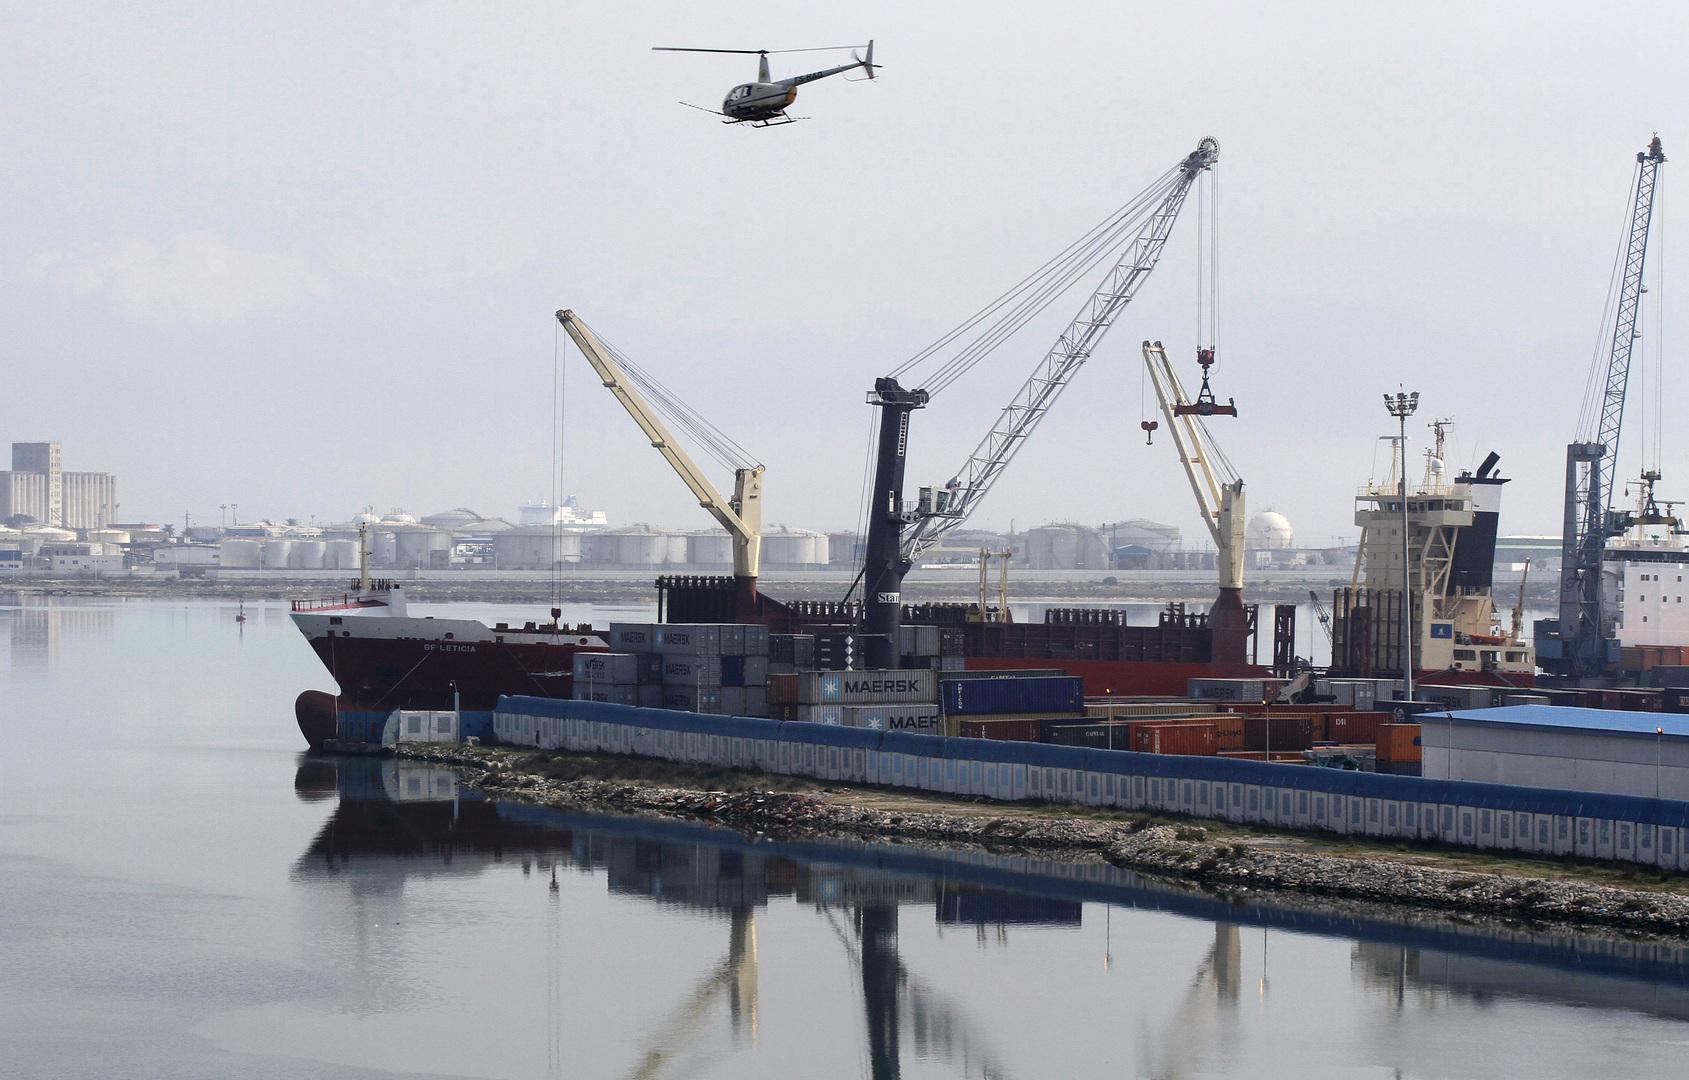 تونس.. وزارة النقل توضح حقيقة تصنيف الأسطول التجاري التونسي على اللائحة السوداء -